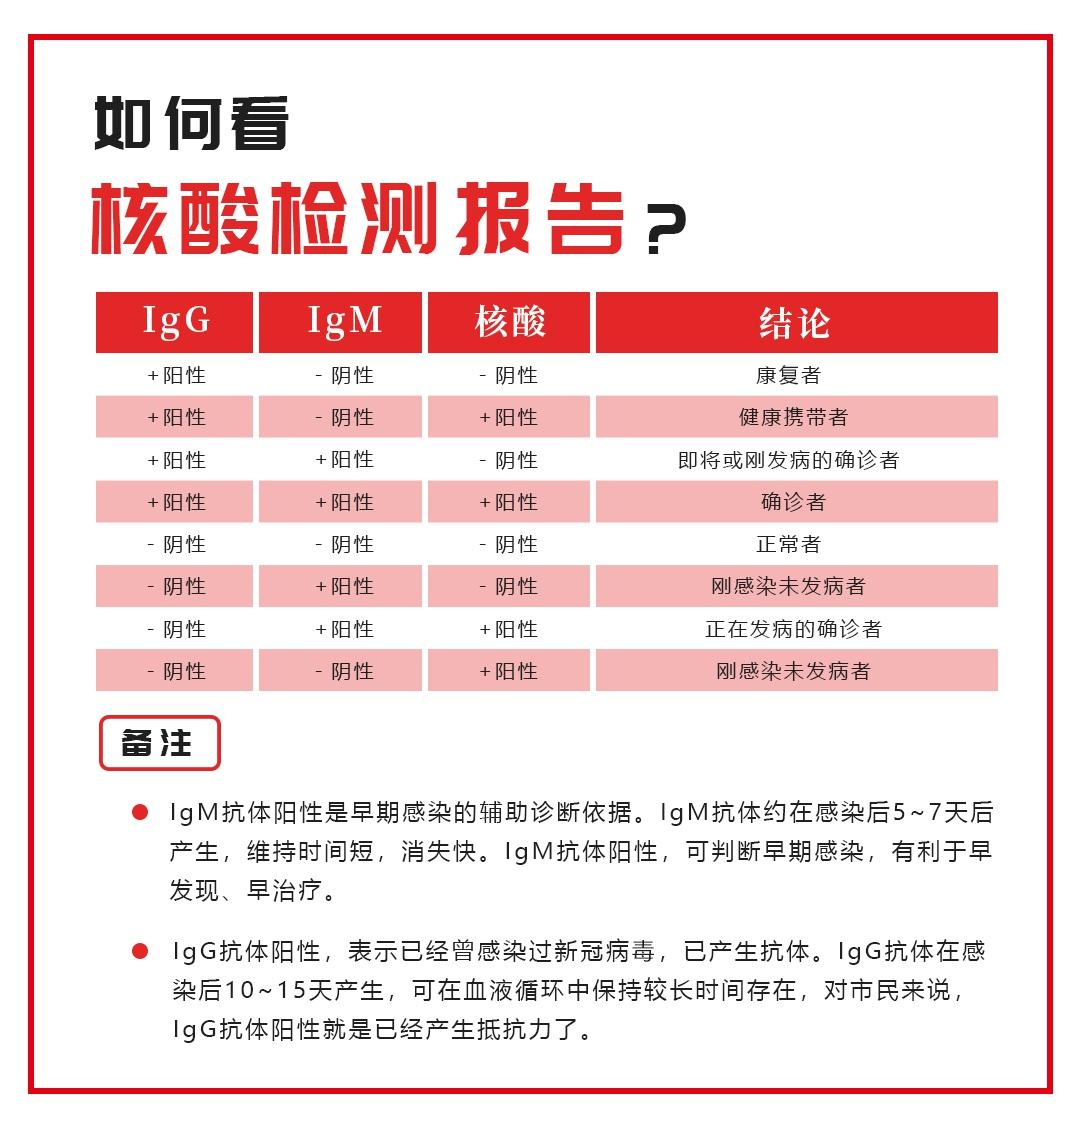 【天富】江天富西新余出现核酸阴性抗体阳性者图片